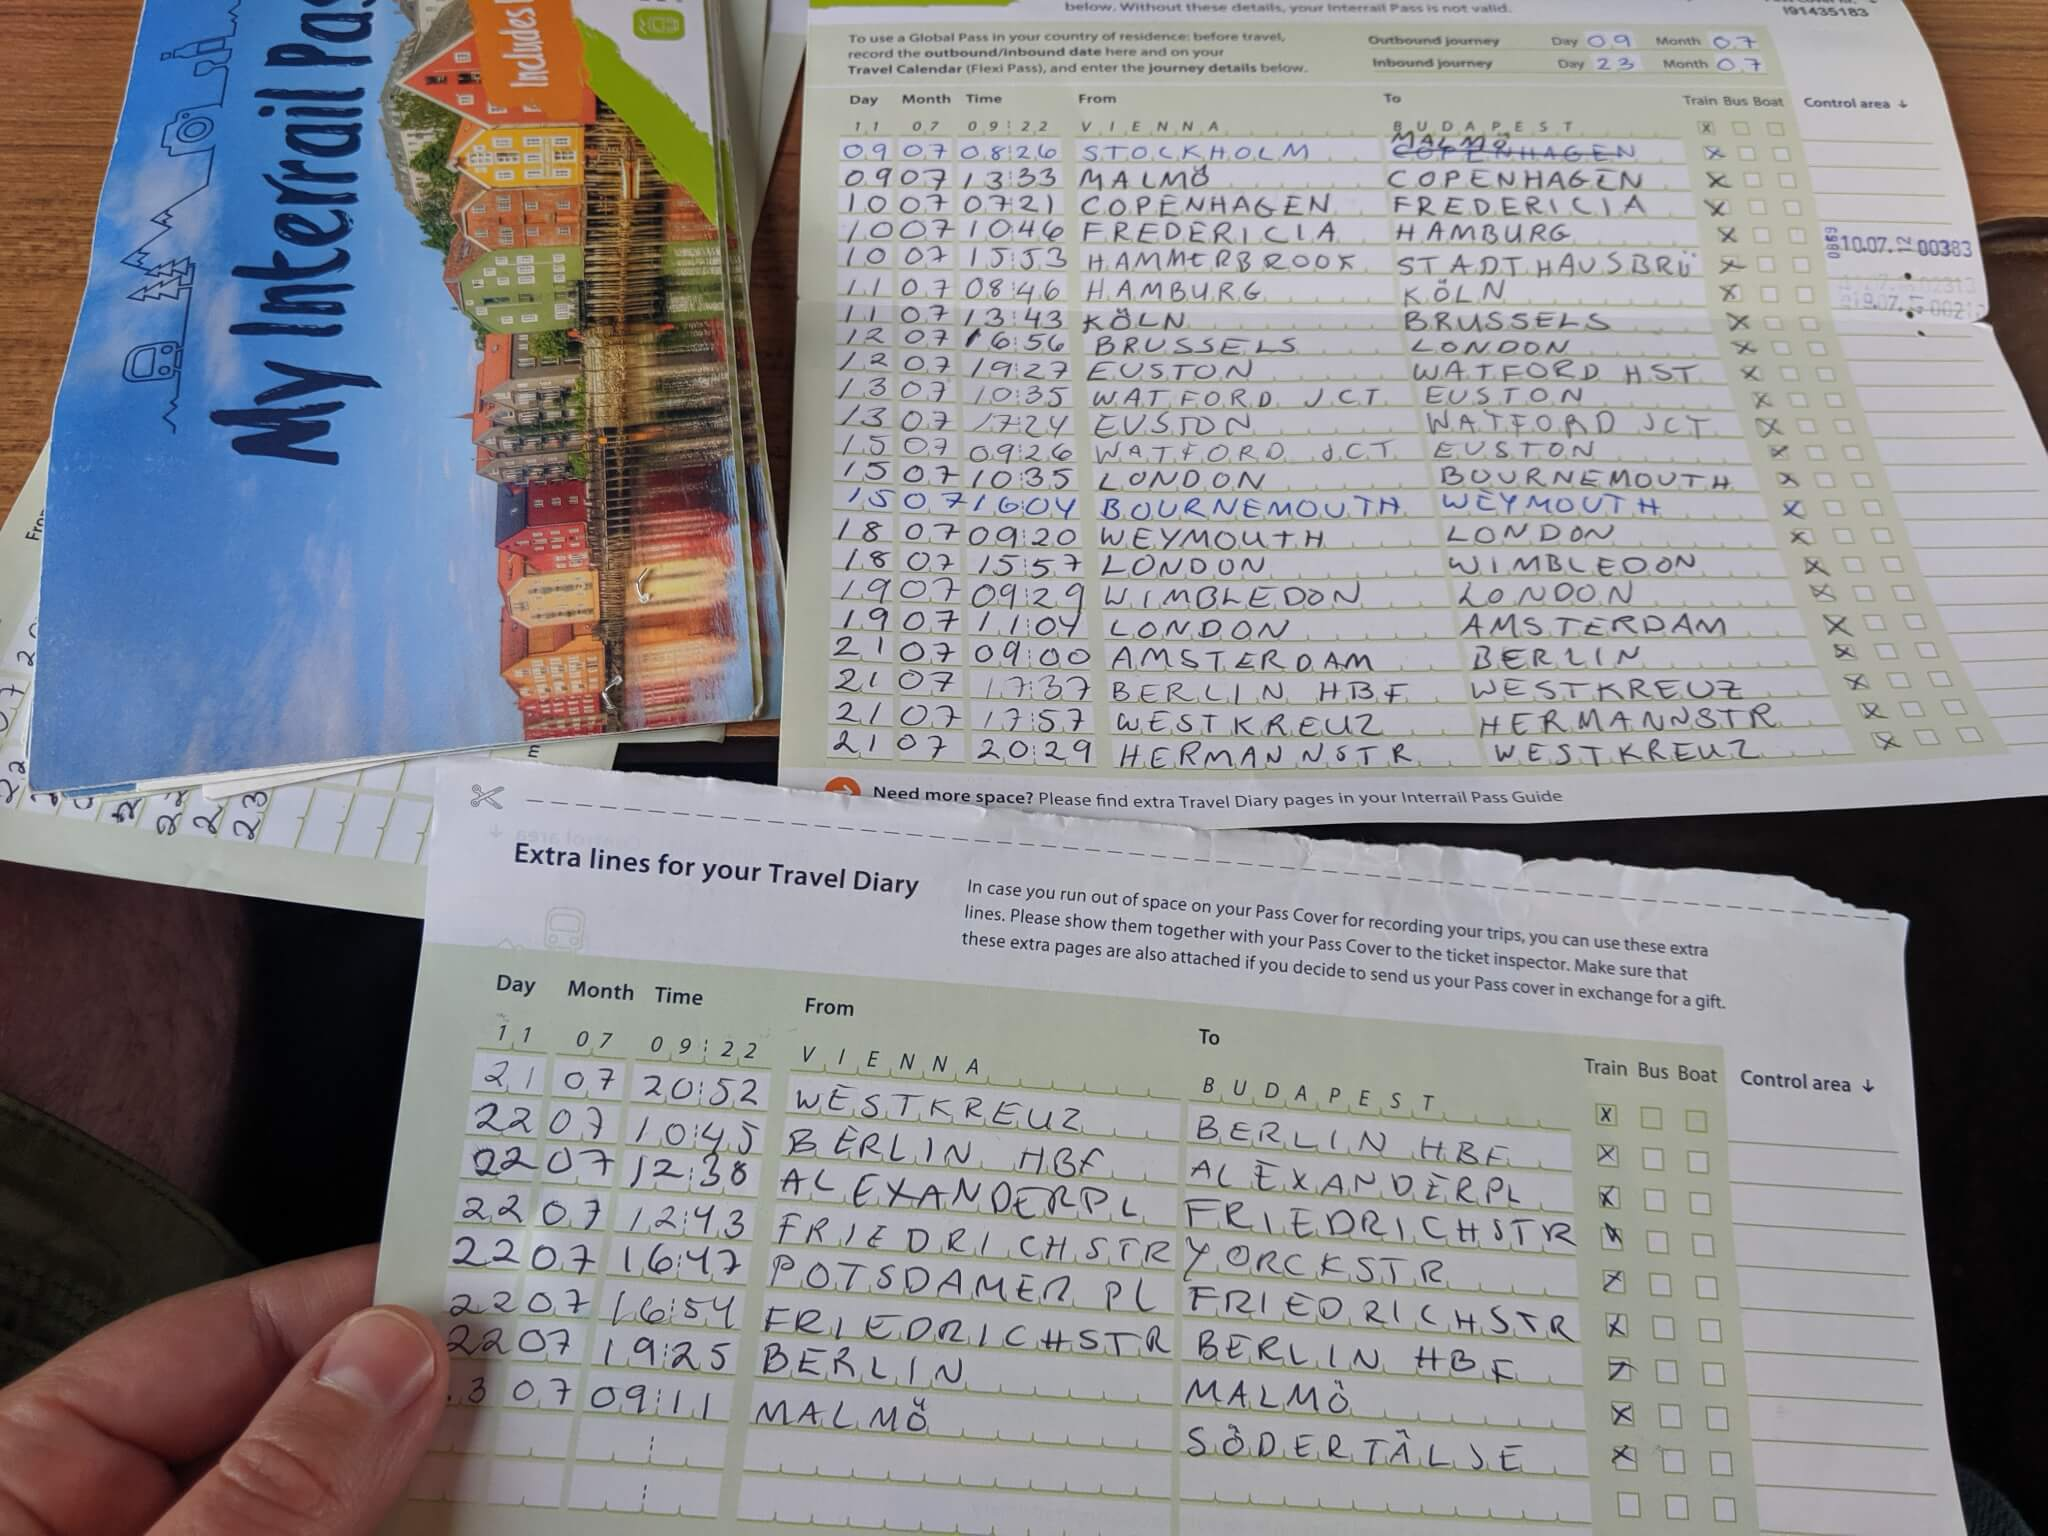 Interrail Travel Diary